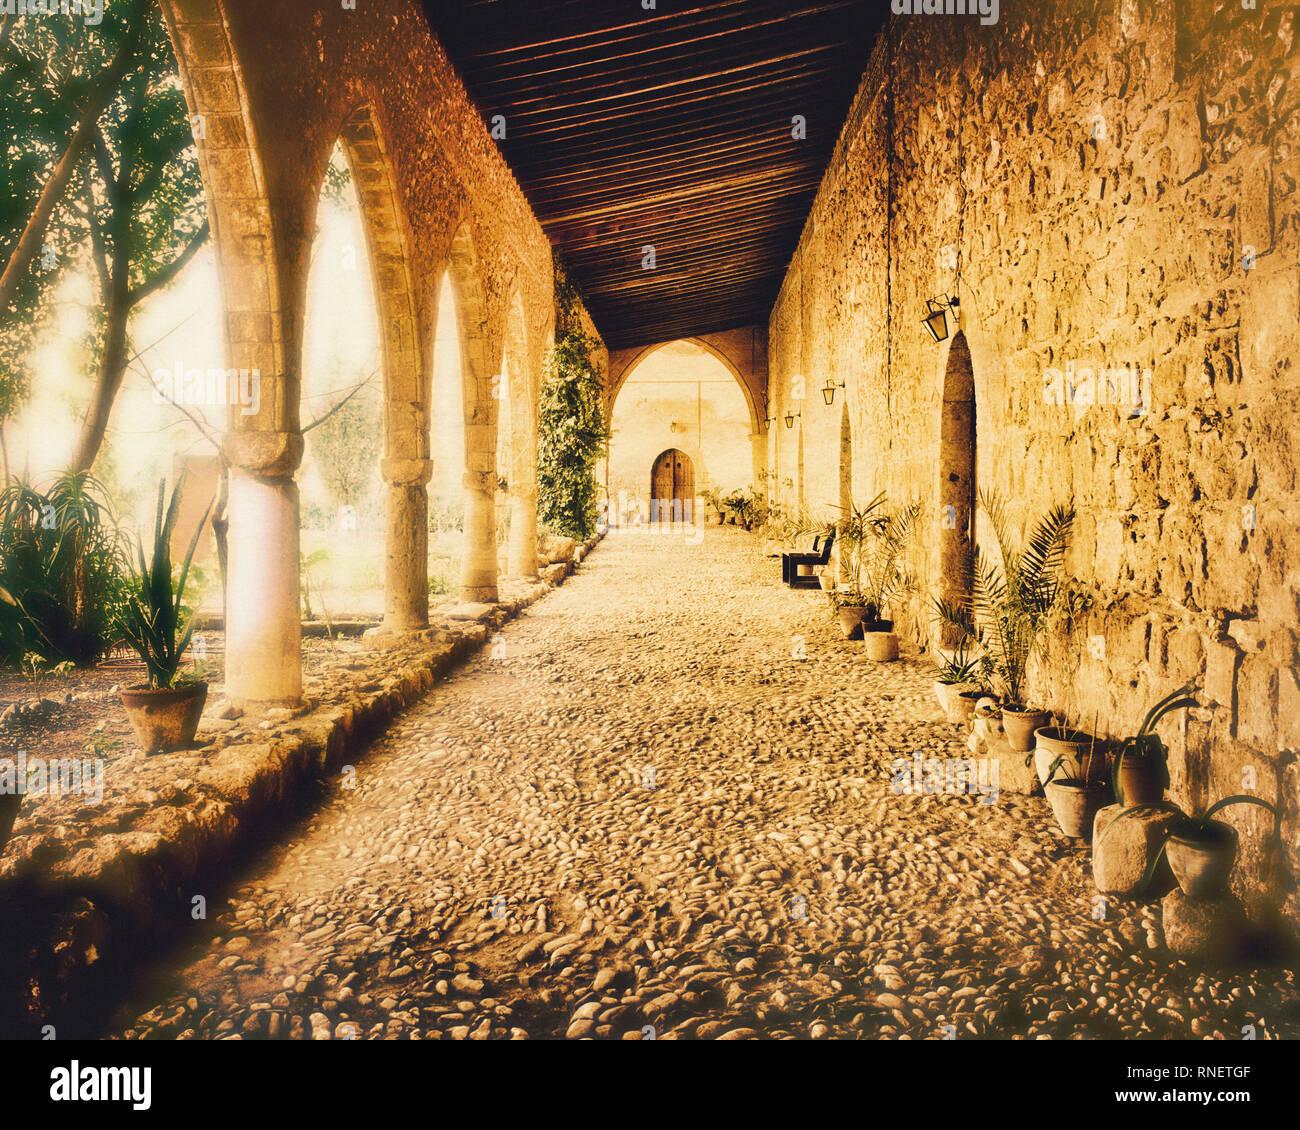 CYPRUS: Monastery of Ayia Napa - Stock Image